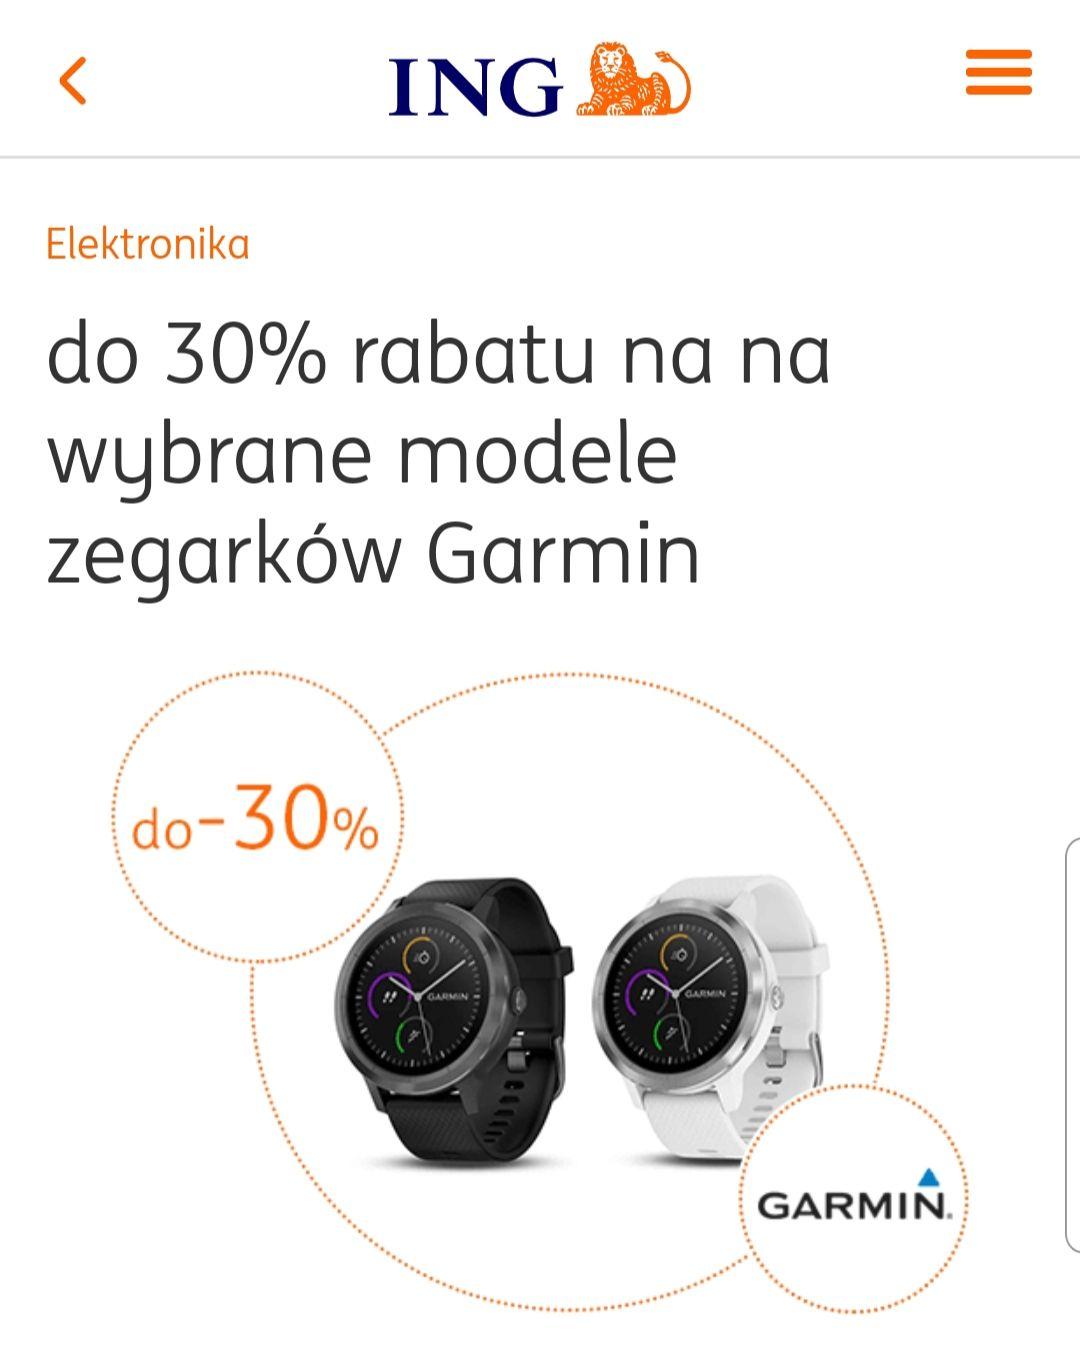 Ing Bank Śląski do 30% rabatu na na wybrane modele zegarków Garmin